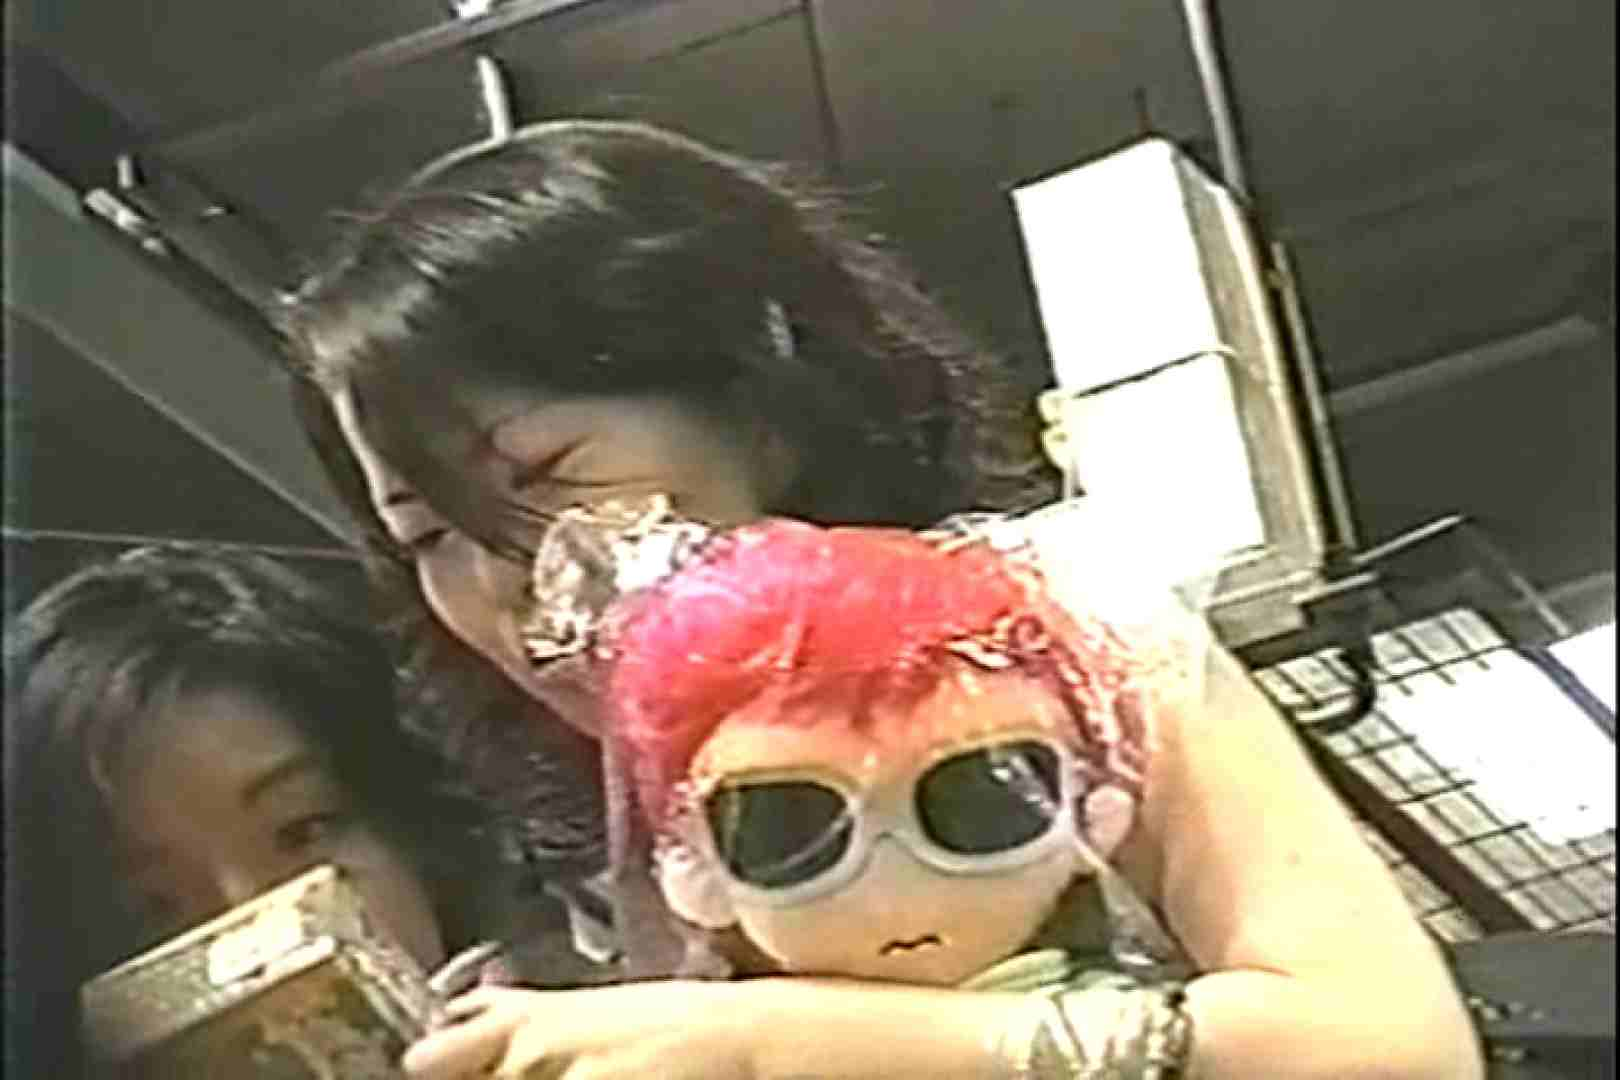 「ちくりん」さんのオリジナル未編集パンチラVol.3_01 パンチラ 盗み撮り動画キャプチャ 100画像 16